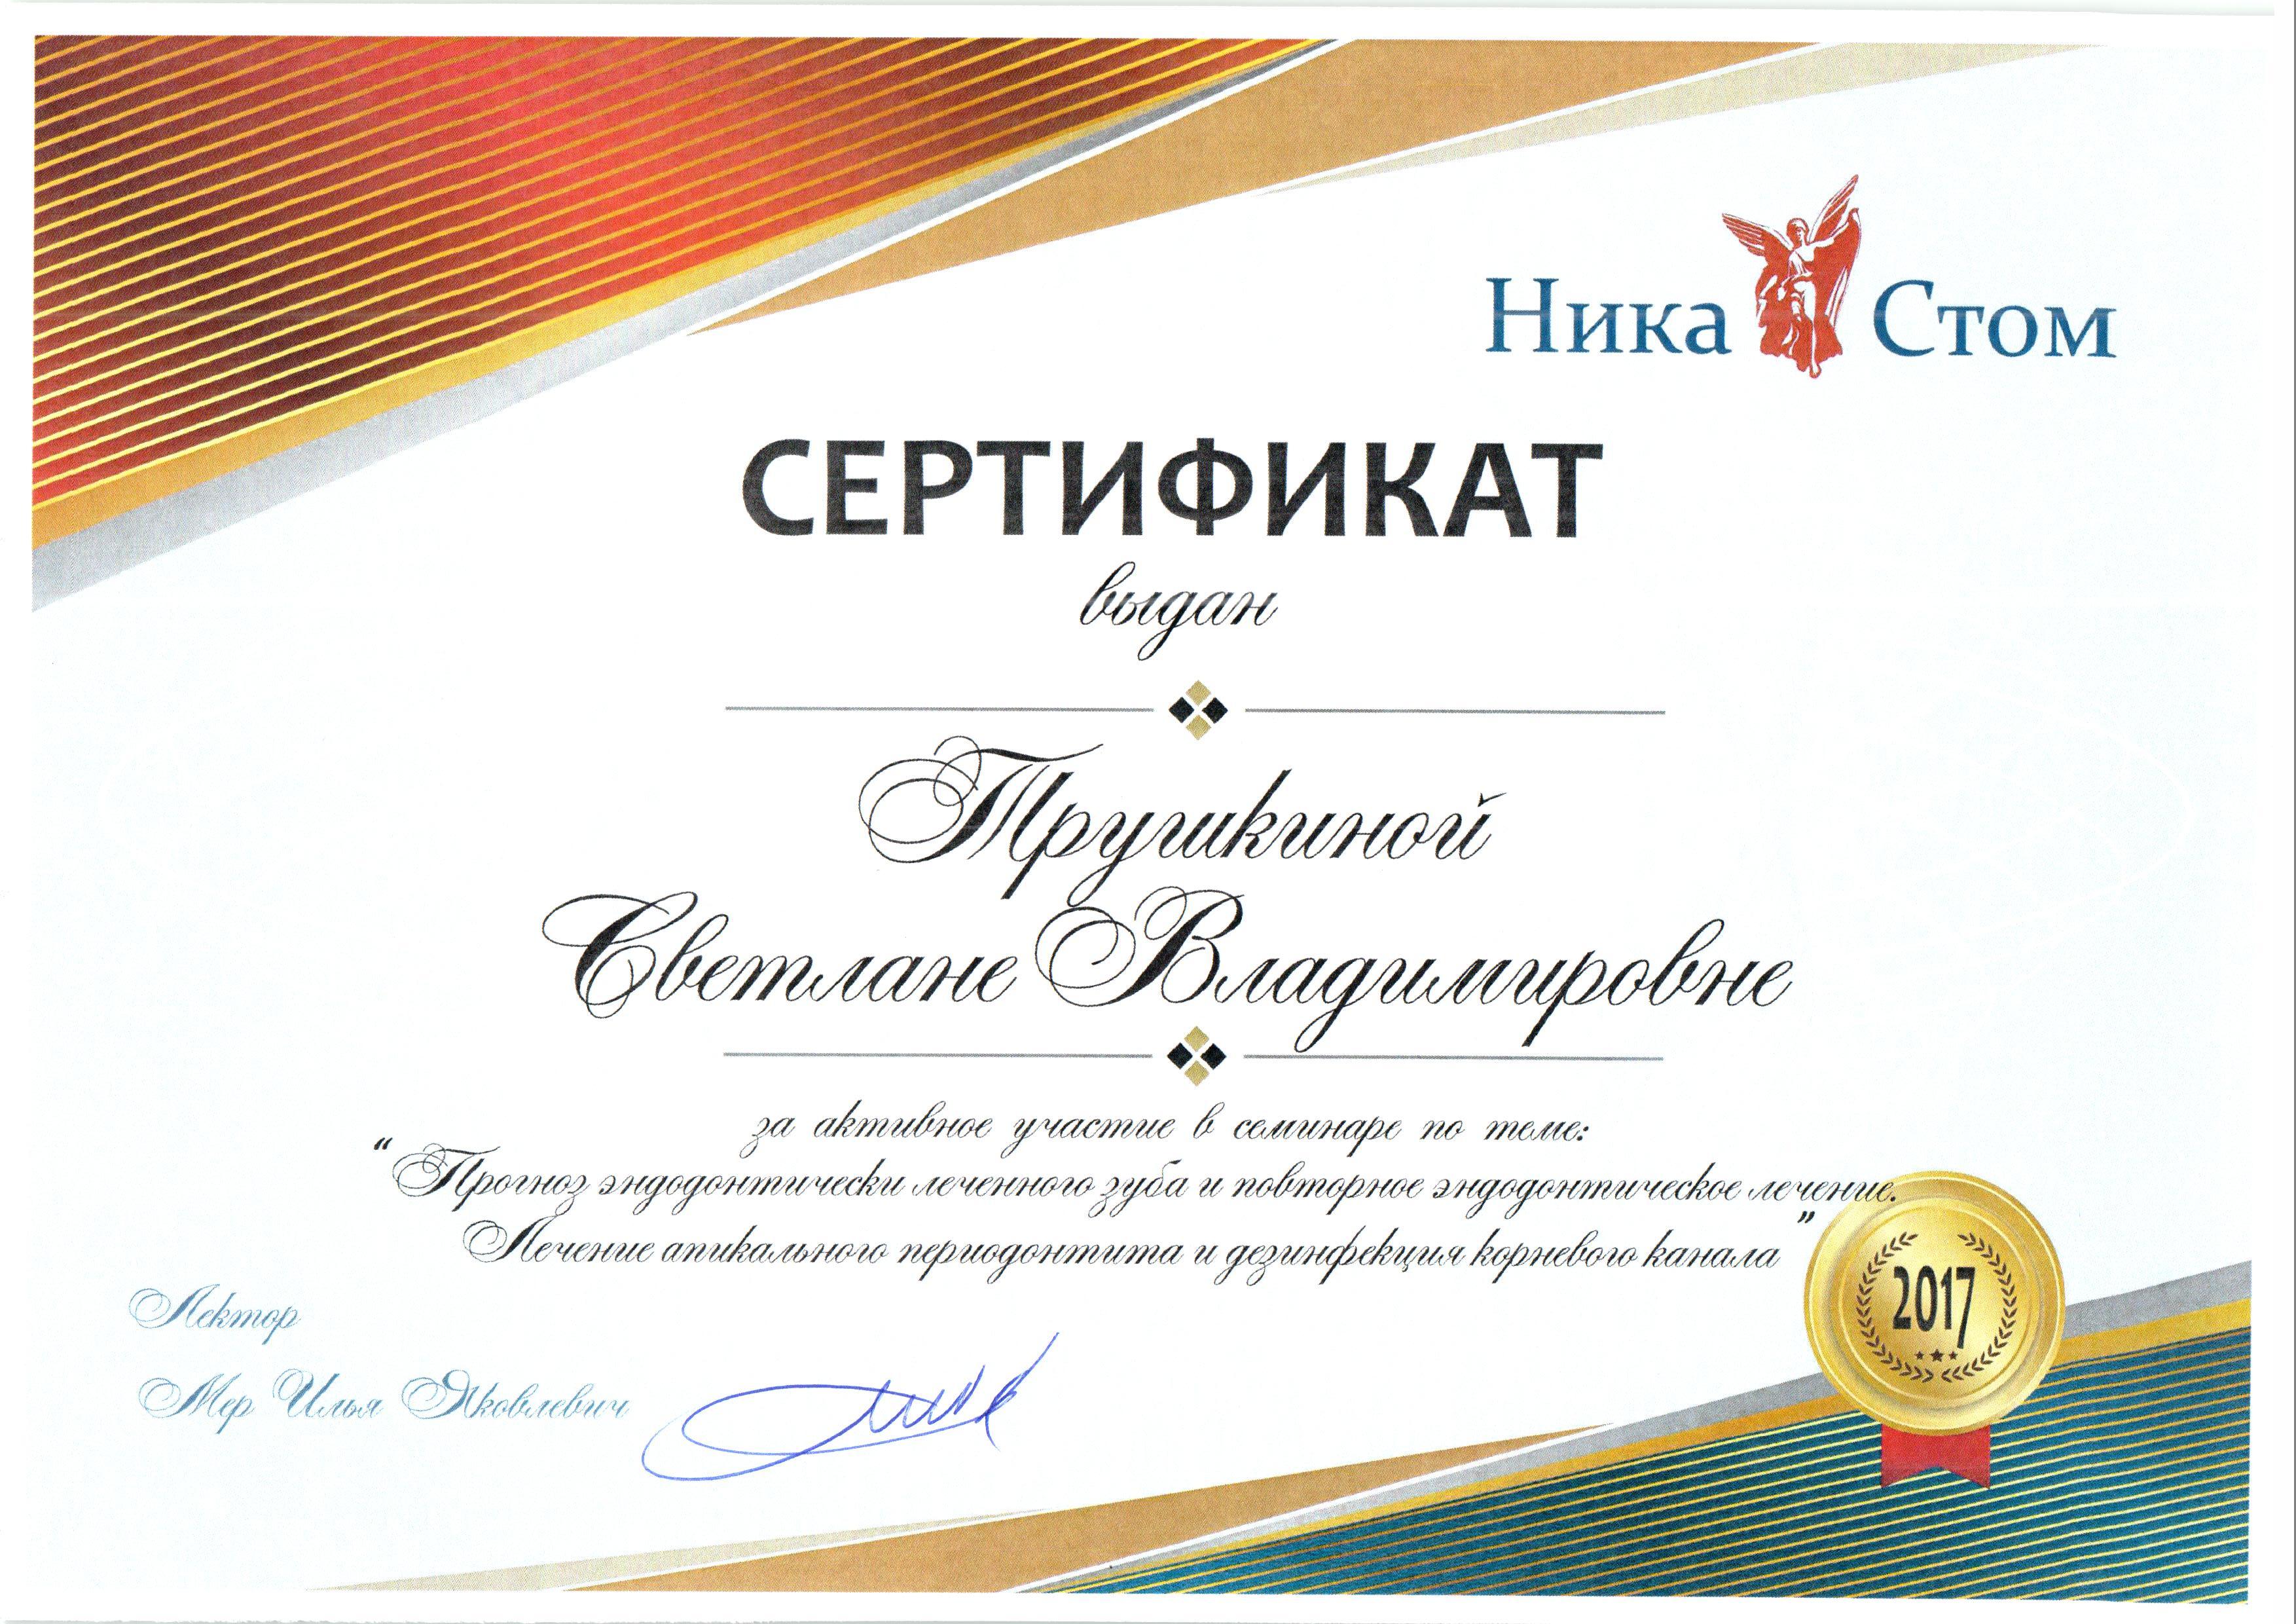 Дентика сертификация москва сертификации видов продукции что такое сертификация